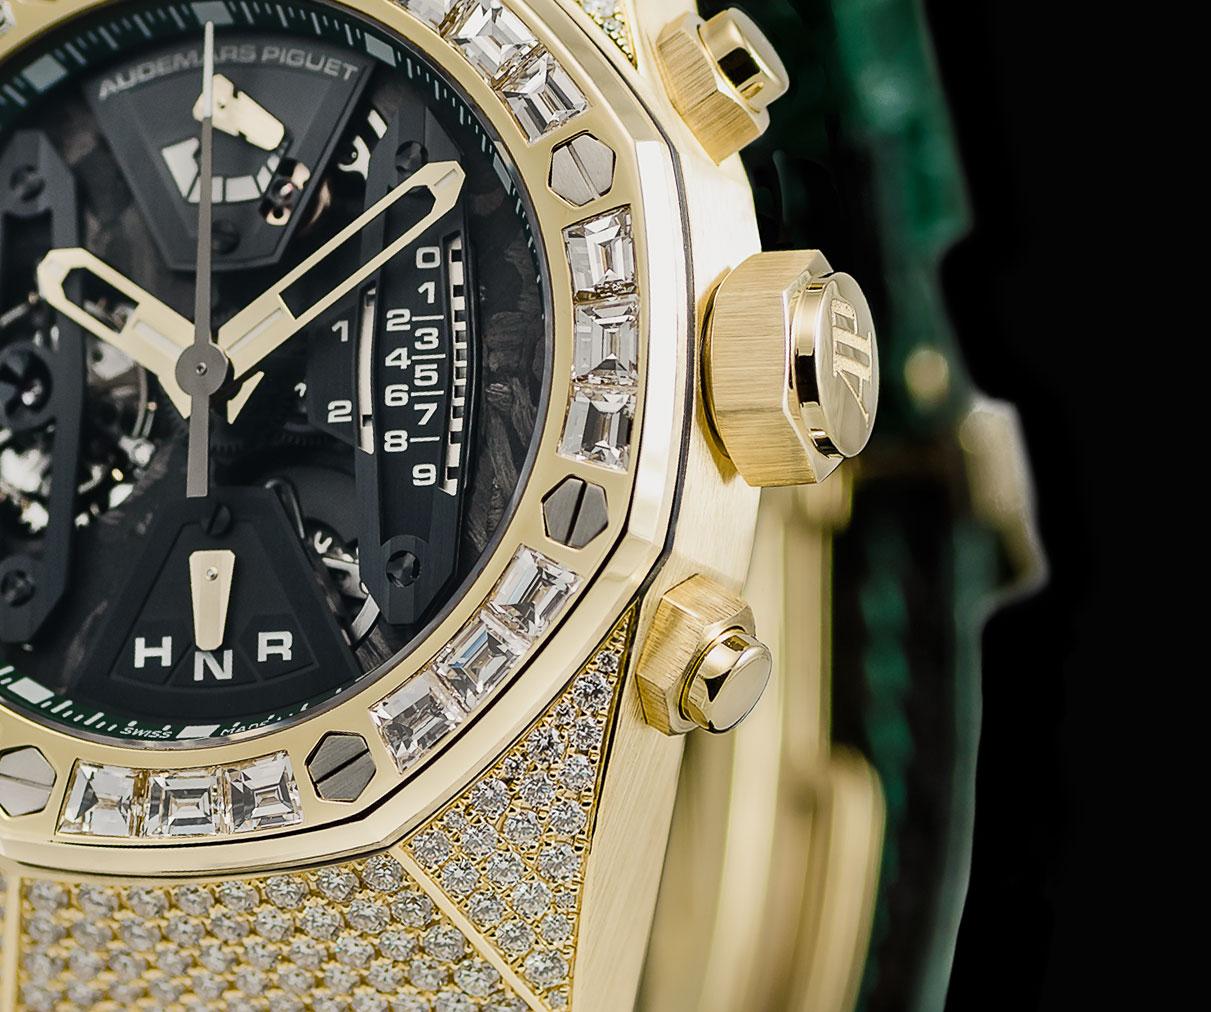 Audemars Piguet Royal Oak Concept Tourbillon Chronograph yellow gold diamond pave 2